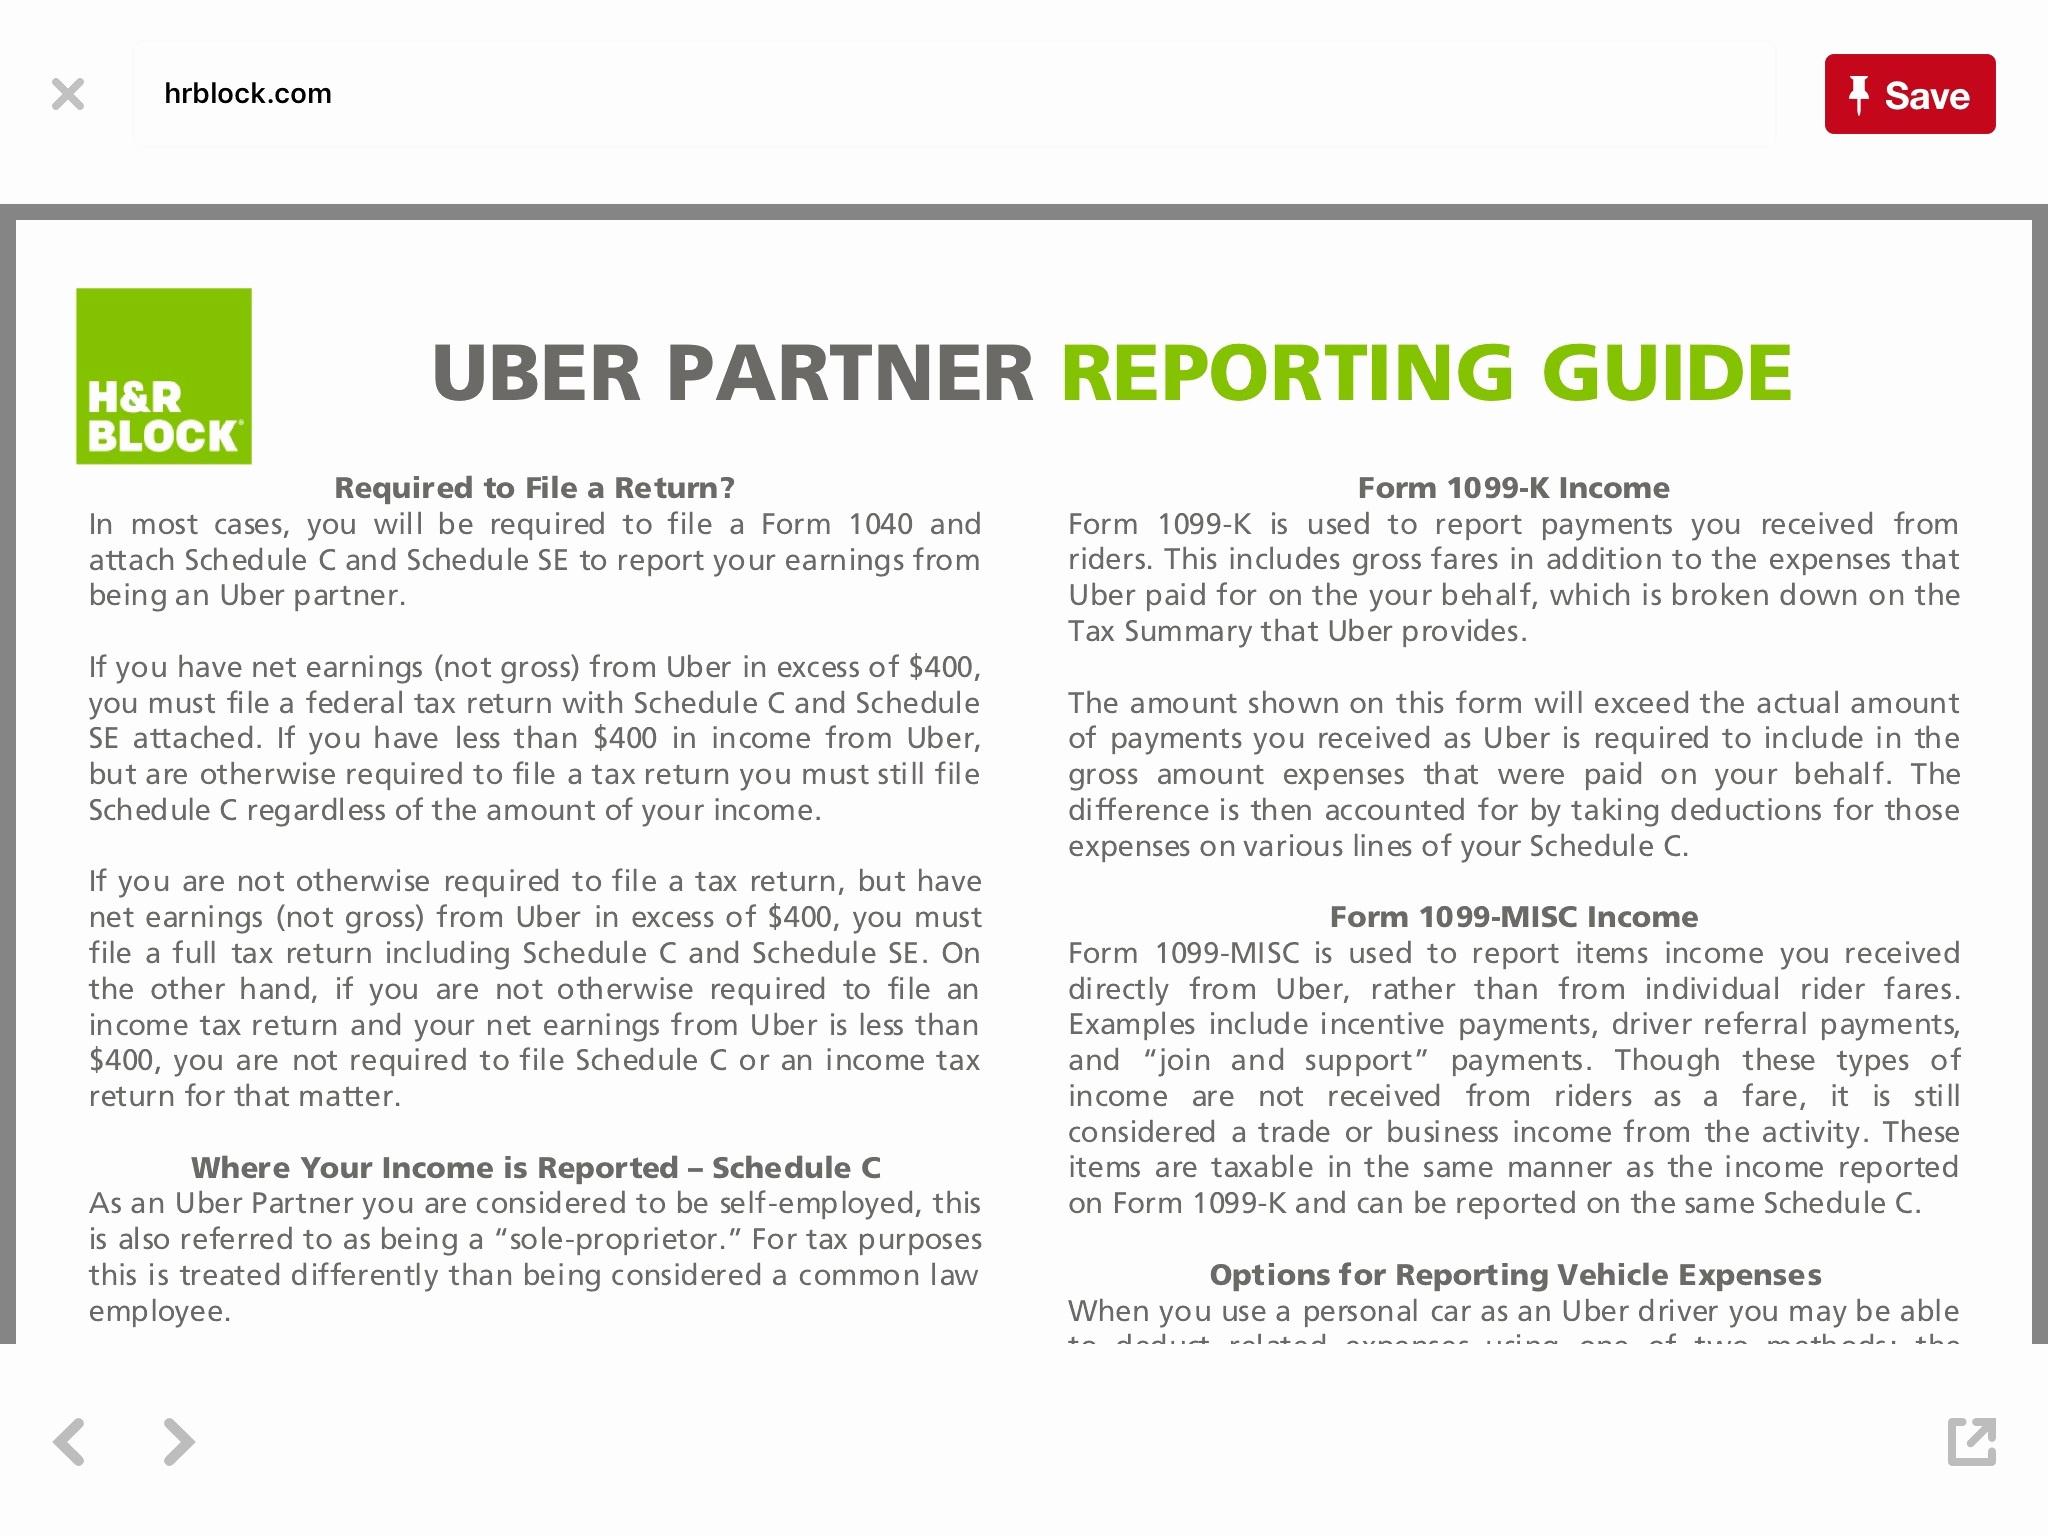 1099 expense spreadsheet for uber driver spreadsheet